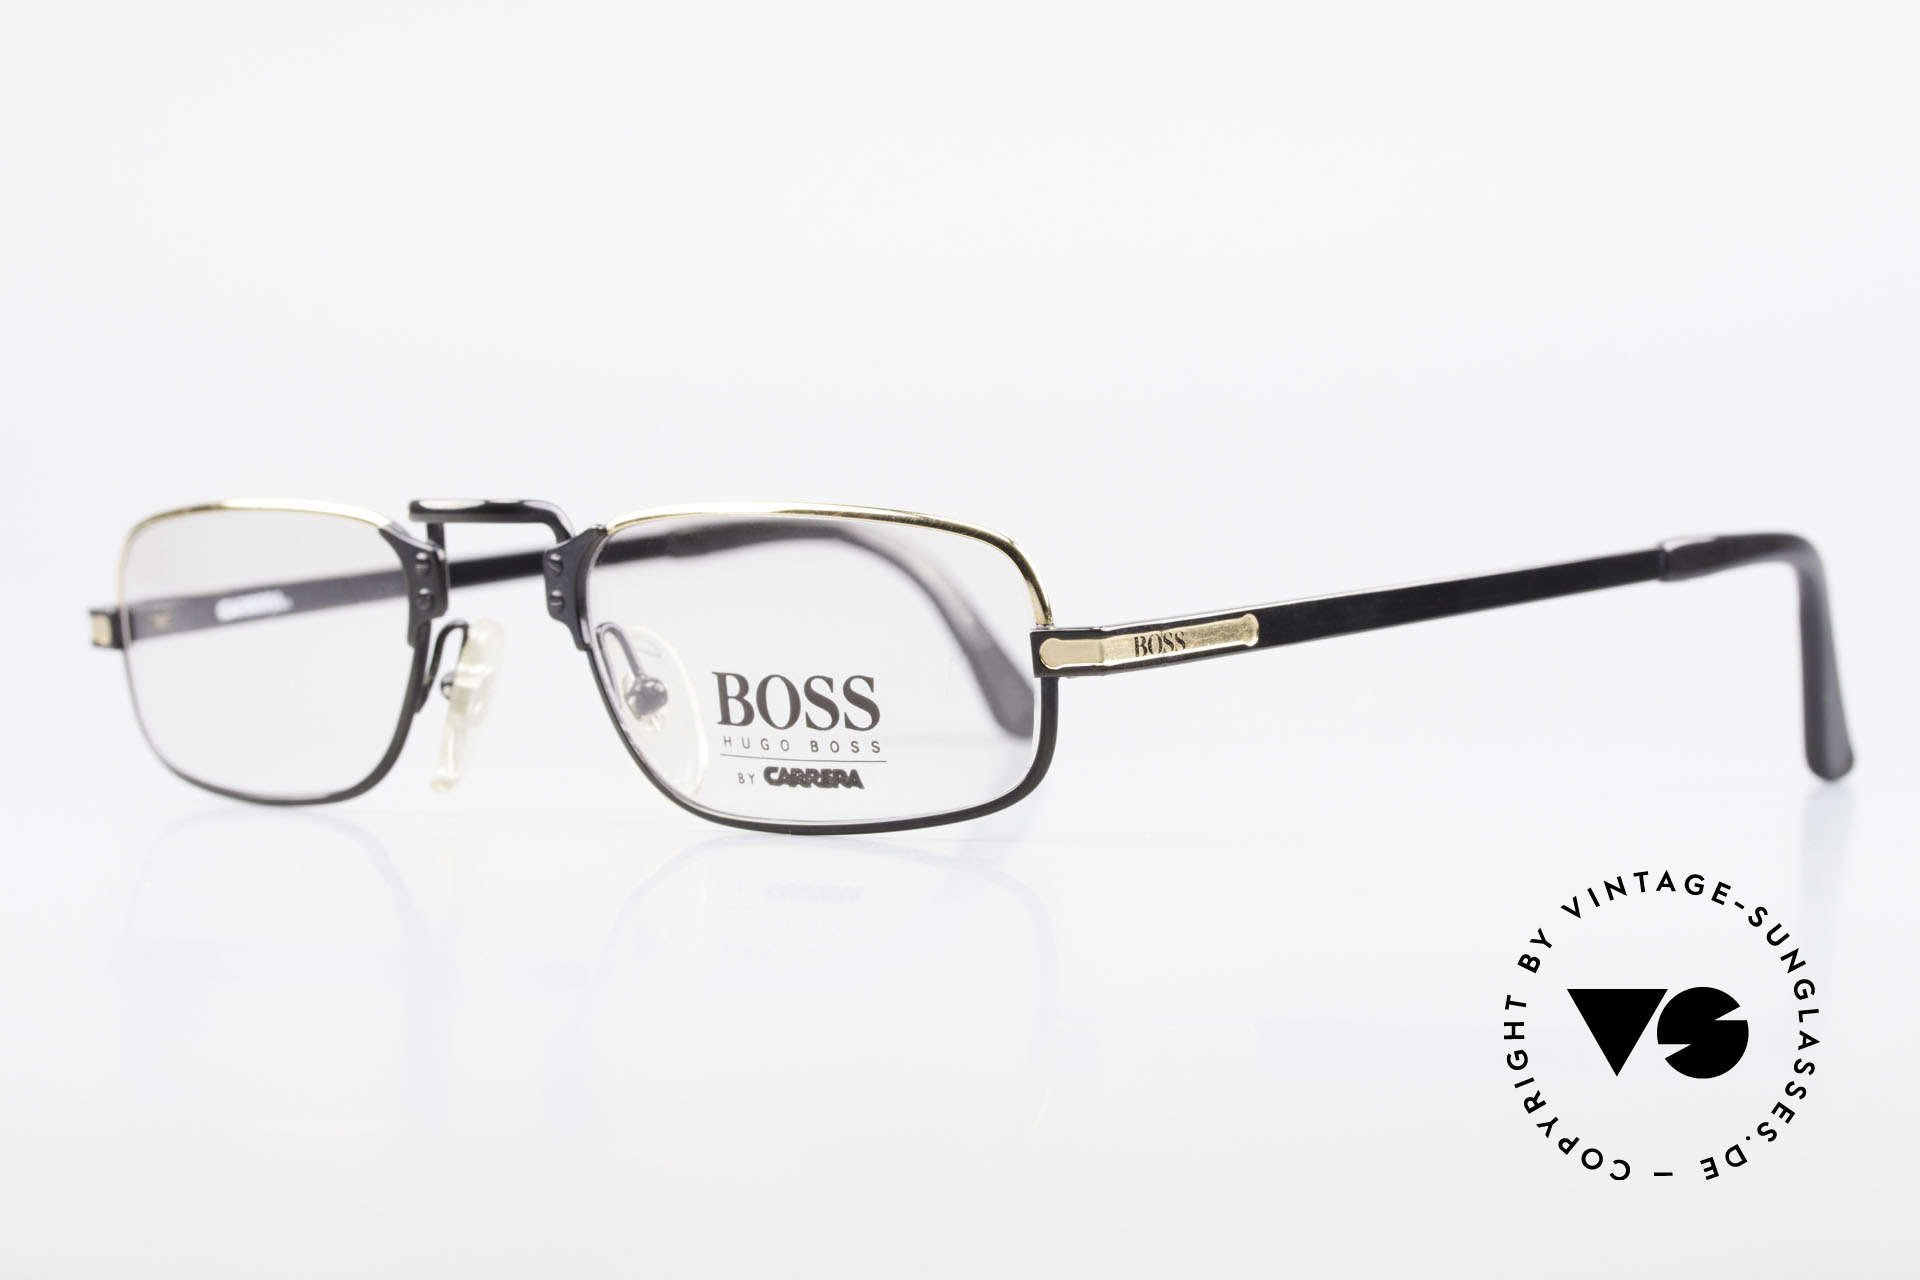 BOSS 5100 Klassische Herren Lesebrille, sehr elegante Farbkombination in schwarz und gold, Passend für Herren